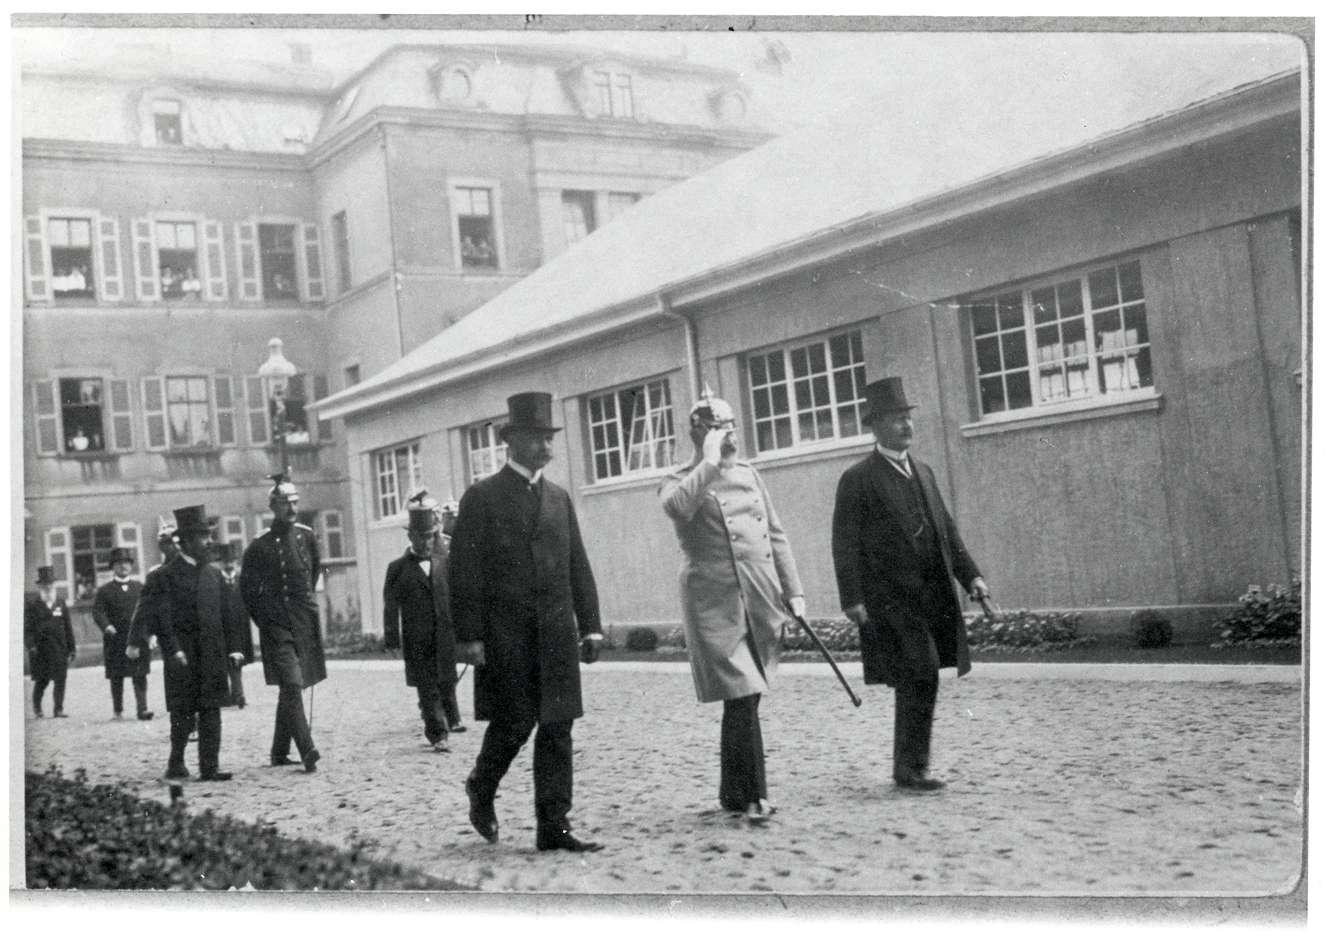 Ludwigsburg, LB; Eröffnung einer Ausstellung in Ludwigsburg am 15. Juni 1914: König Wilhelm II. von Württemberg und Max Elsas, Bild 1